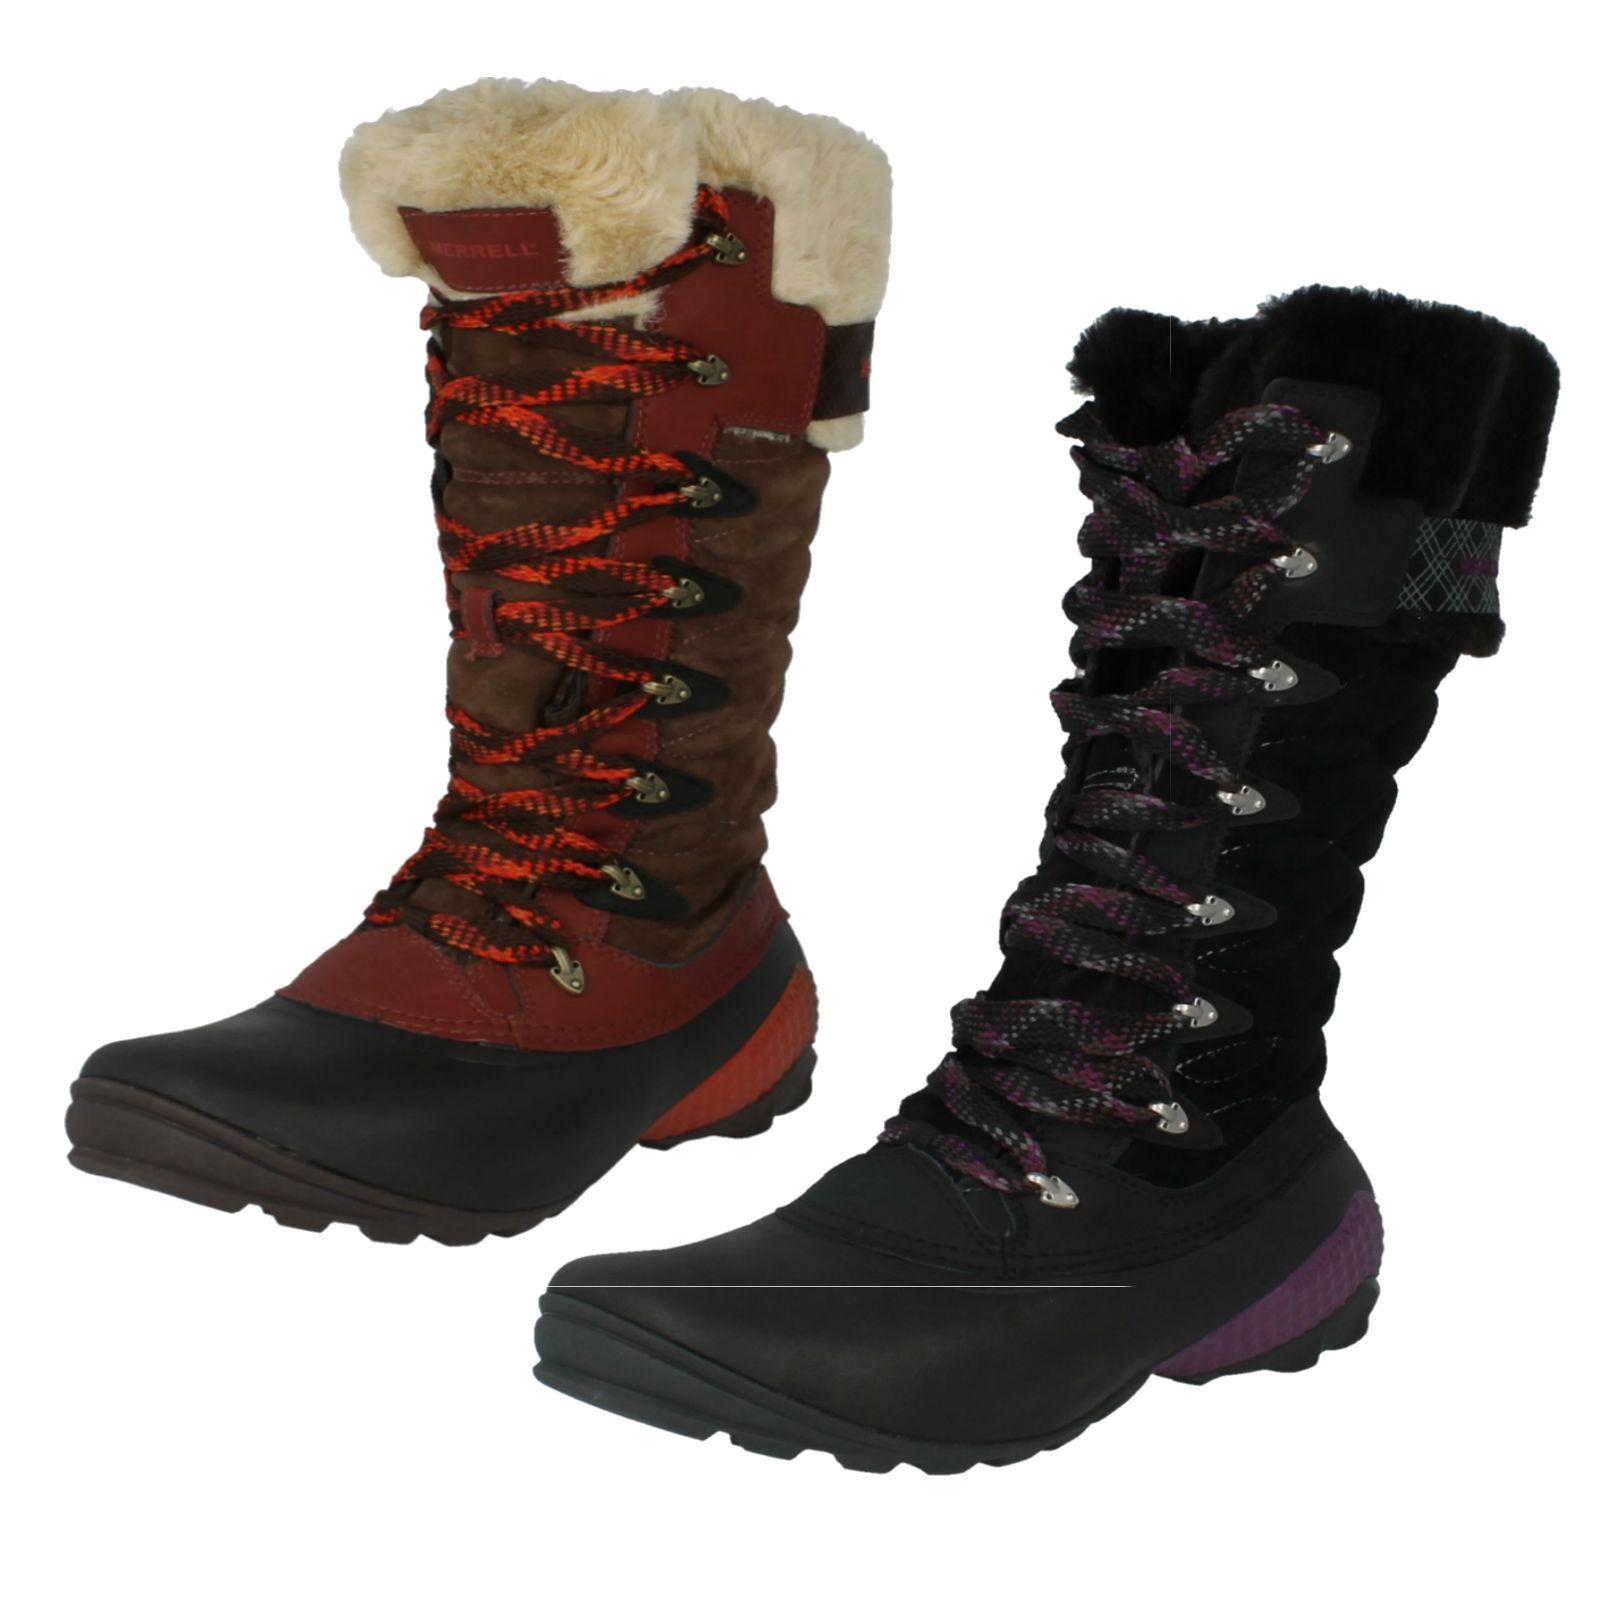 Zapatos especiales con descuento MUJER MERRELL WINTERBELLE PEAK IMPERMEABLE MEDIA CAÑA BOTAS DE NIEVE J68106/